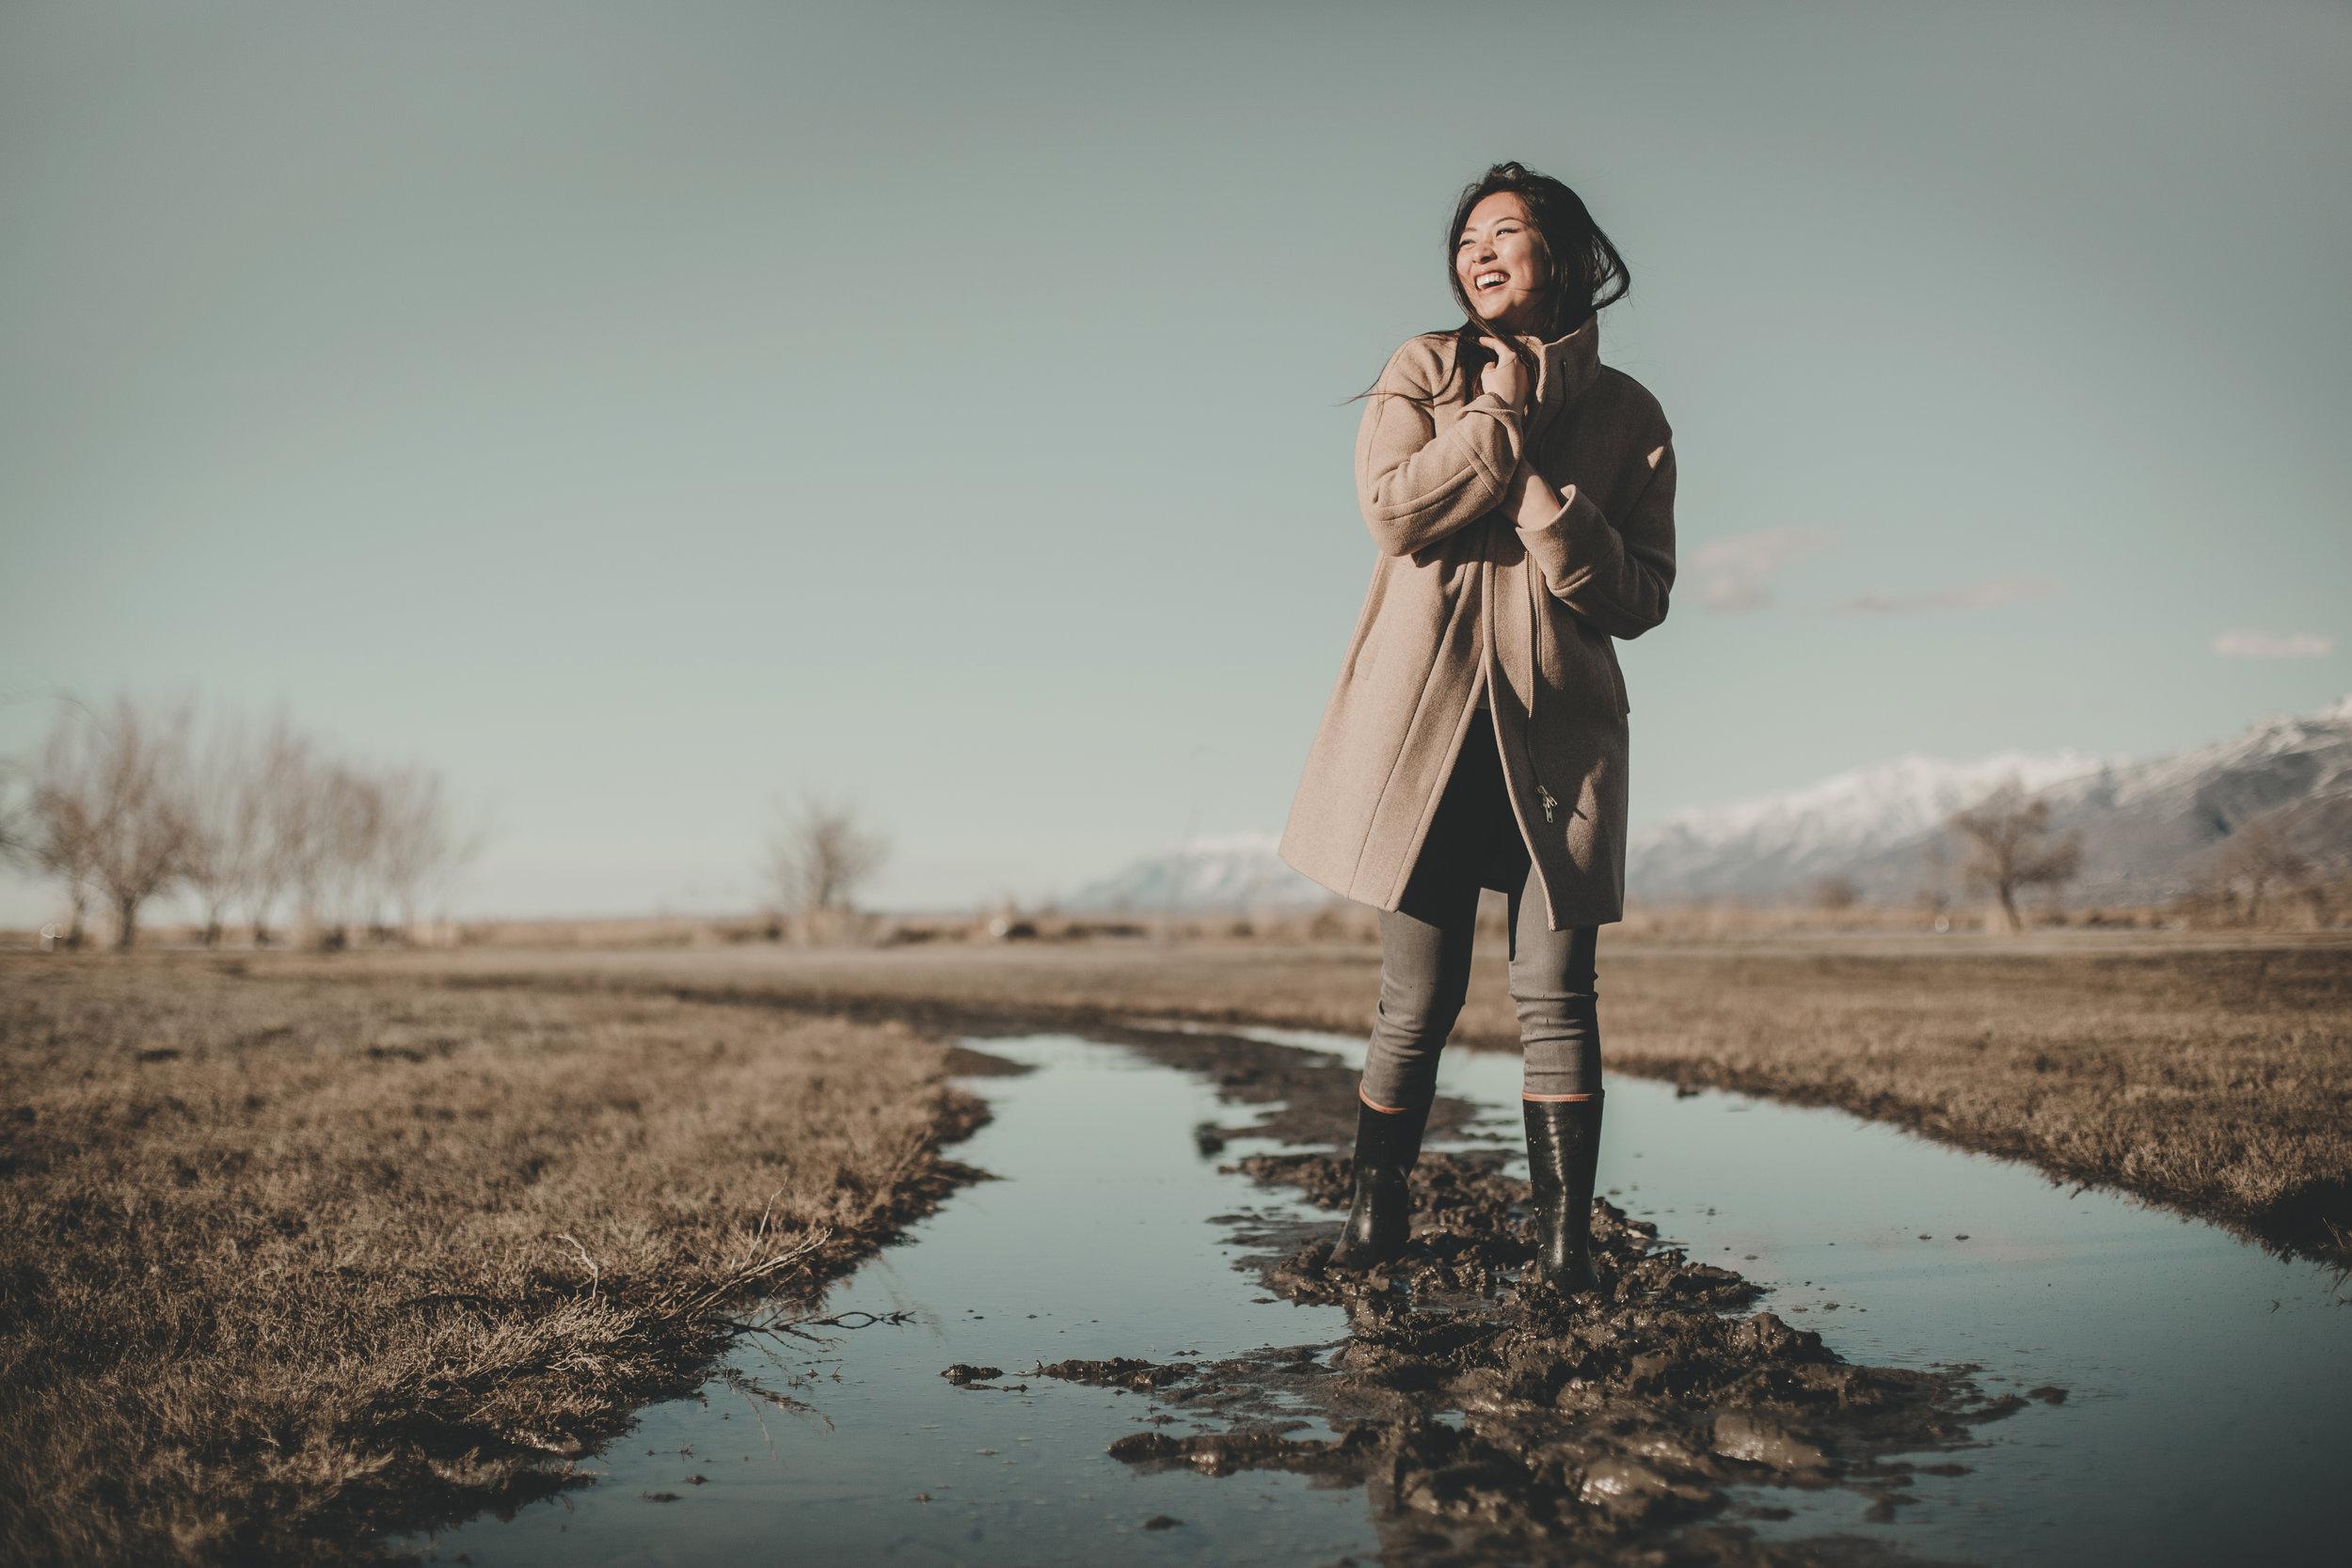 ©duston-todd-womens-fashion-jacket-rainboots-jcrew.jpg